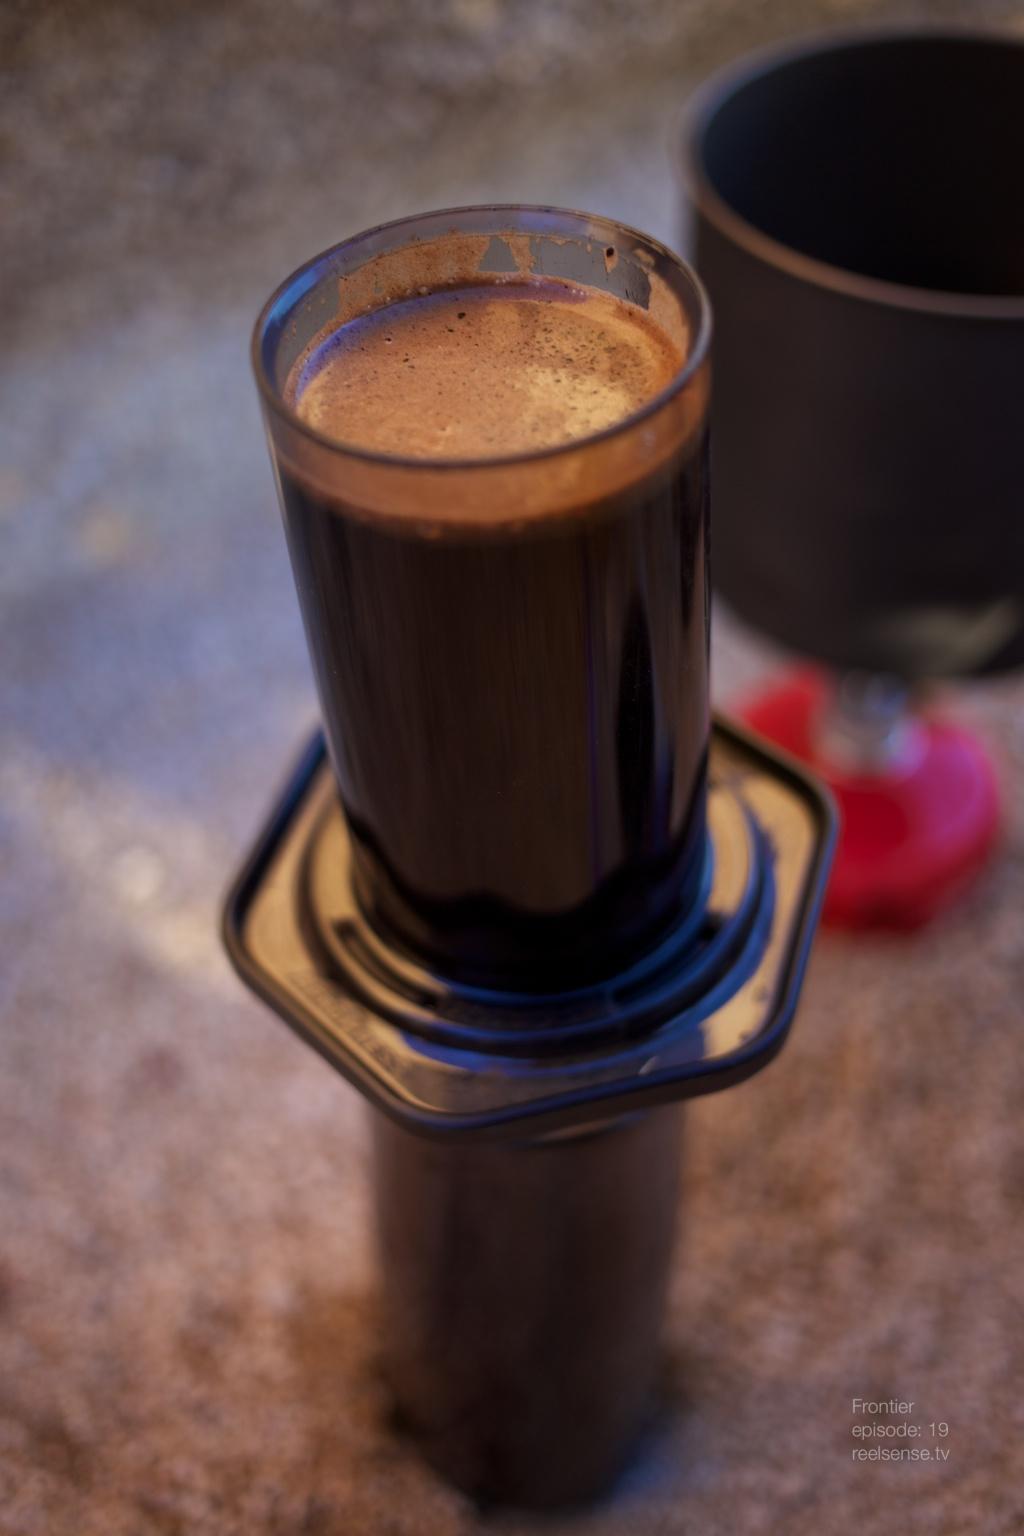 Joshua Tree - Starbucks Espresso blend in AeroPress